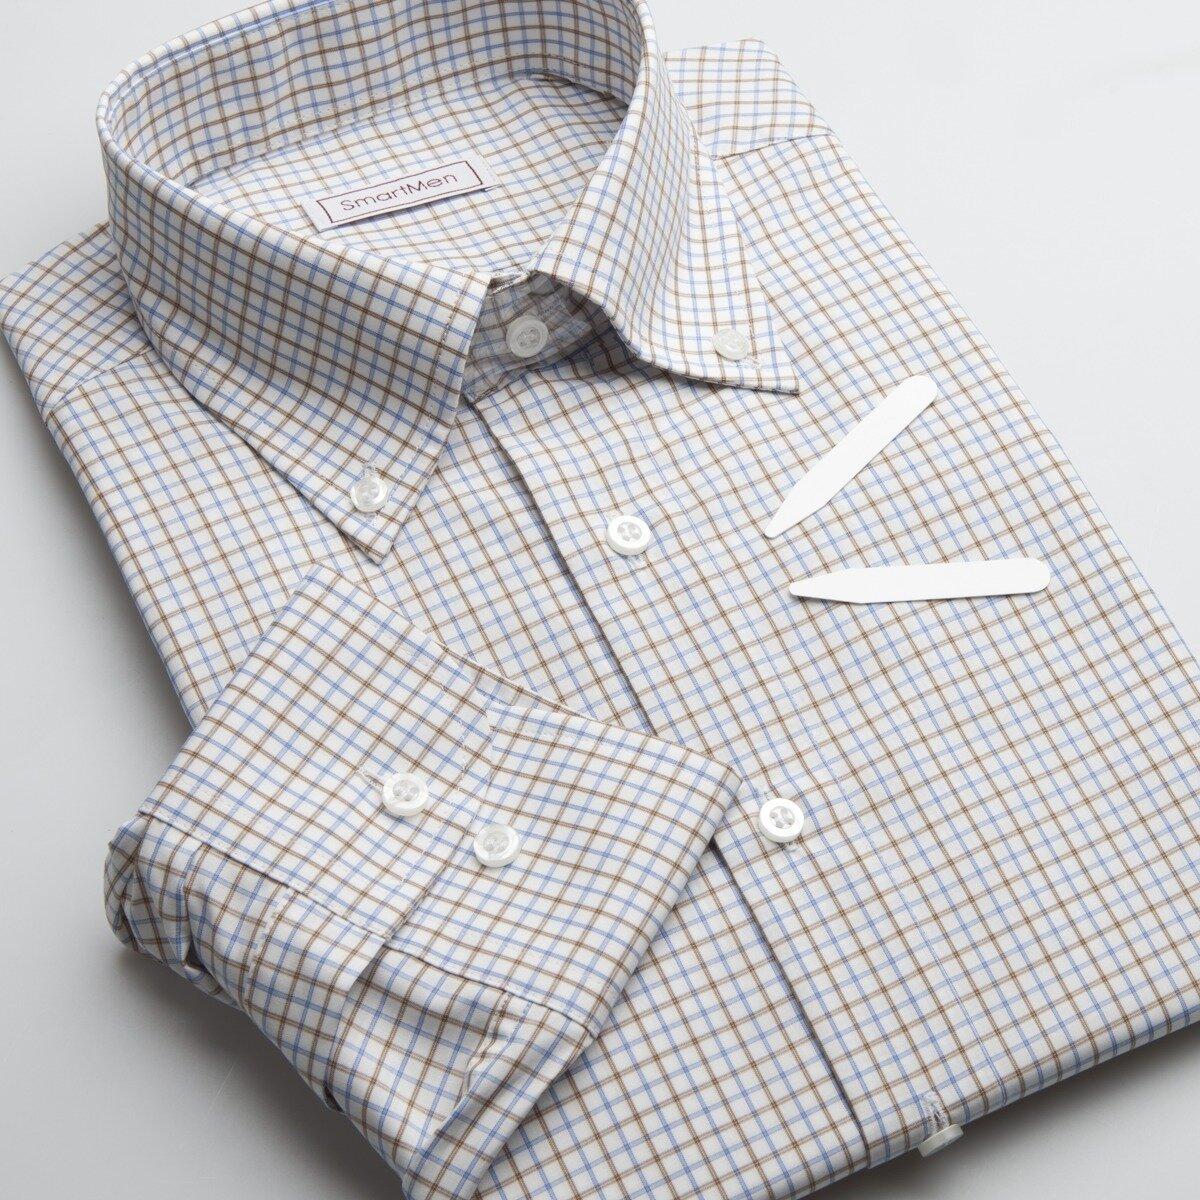 e72aacaced Pánska hnedá košeľa károvaná - Button down Slim